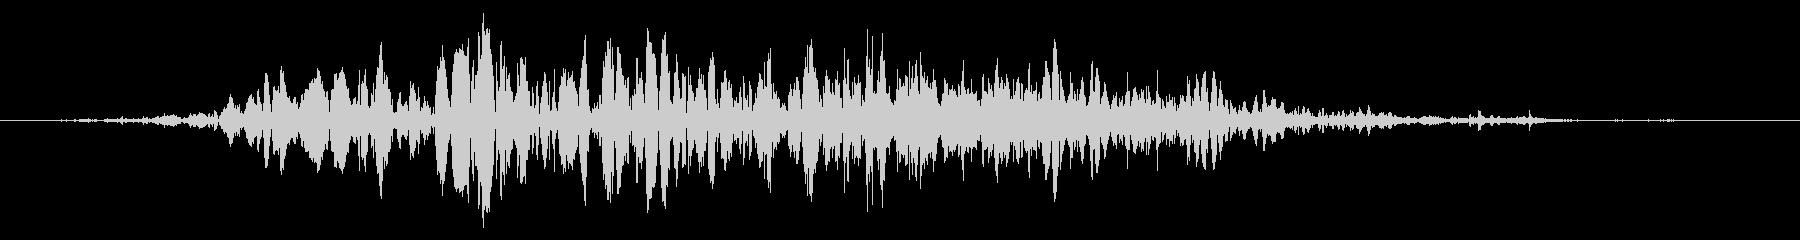 スライムなどが蠢く音 タイプB#4の未再生の波形